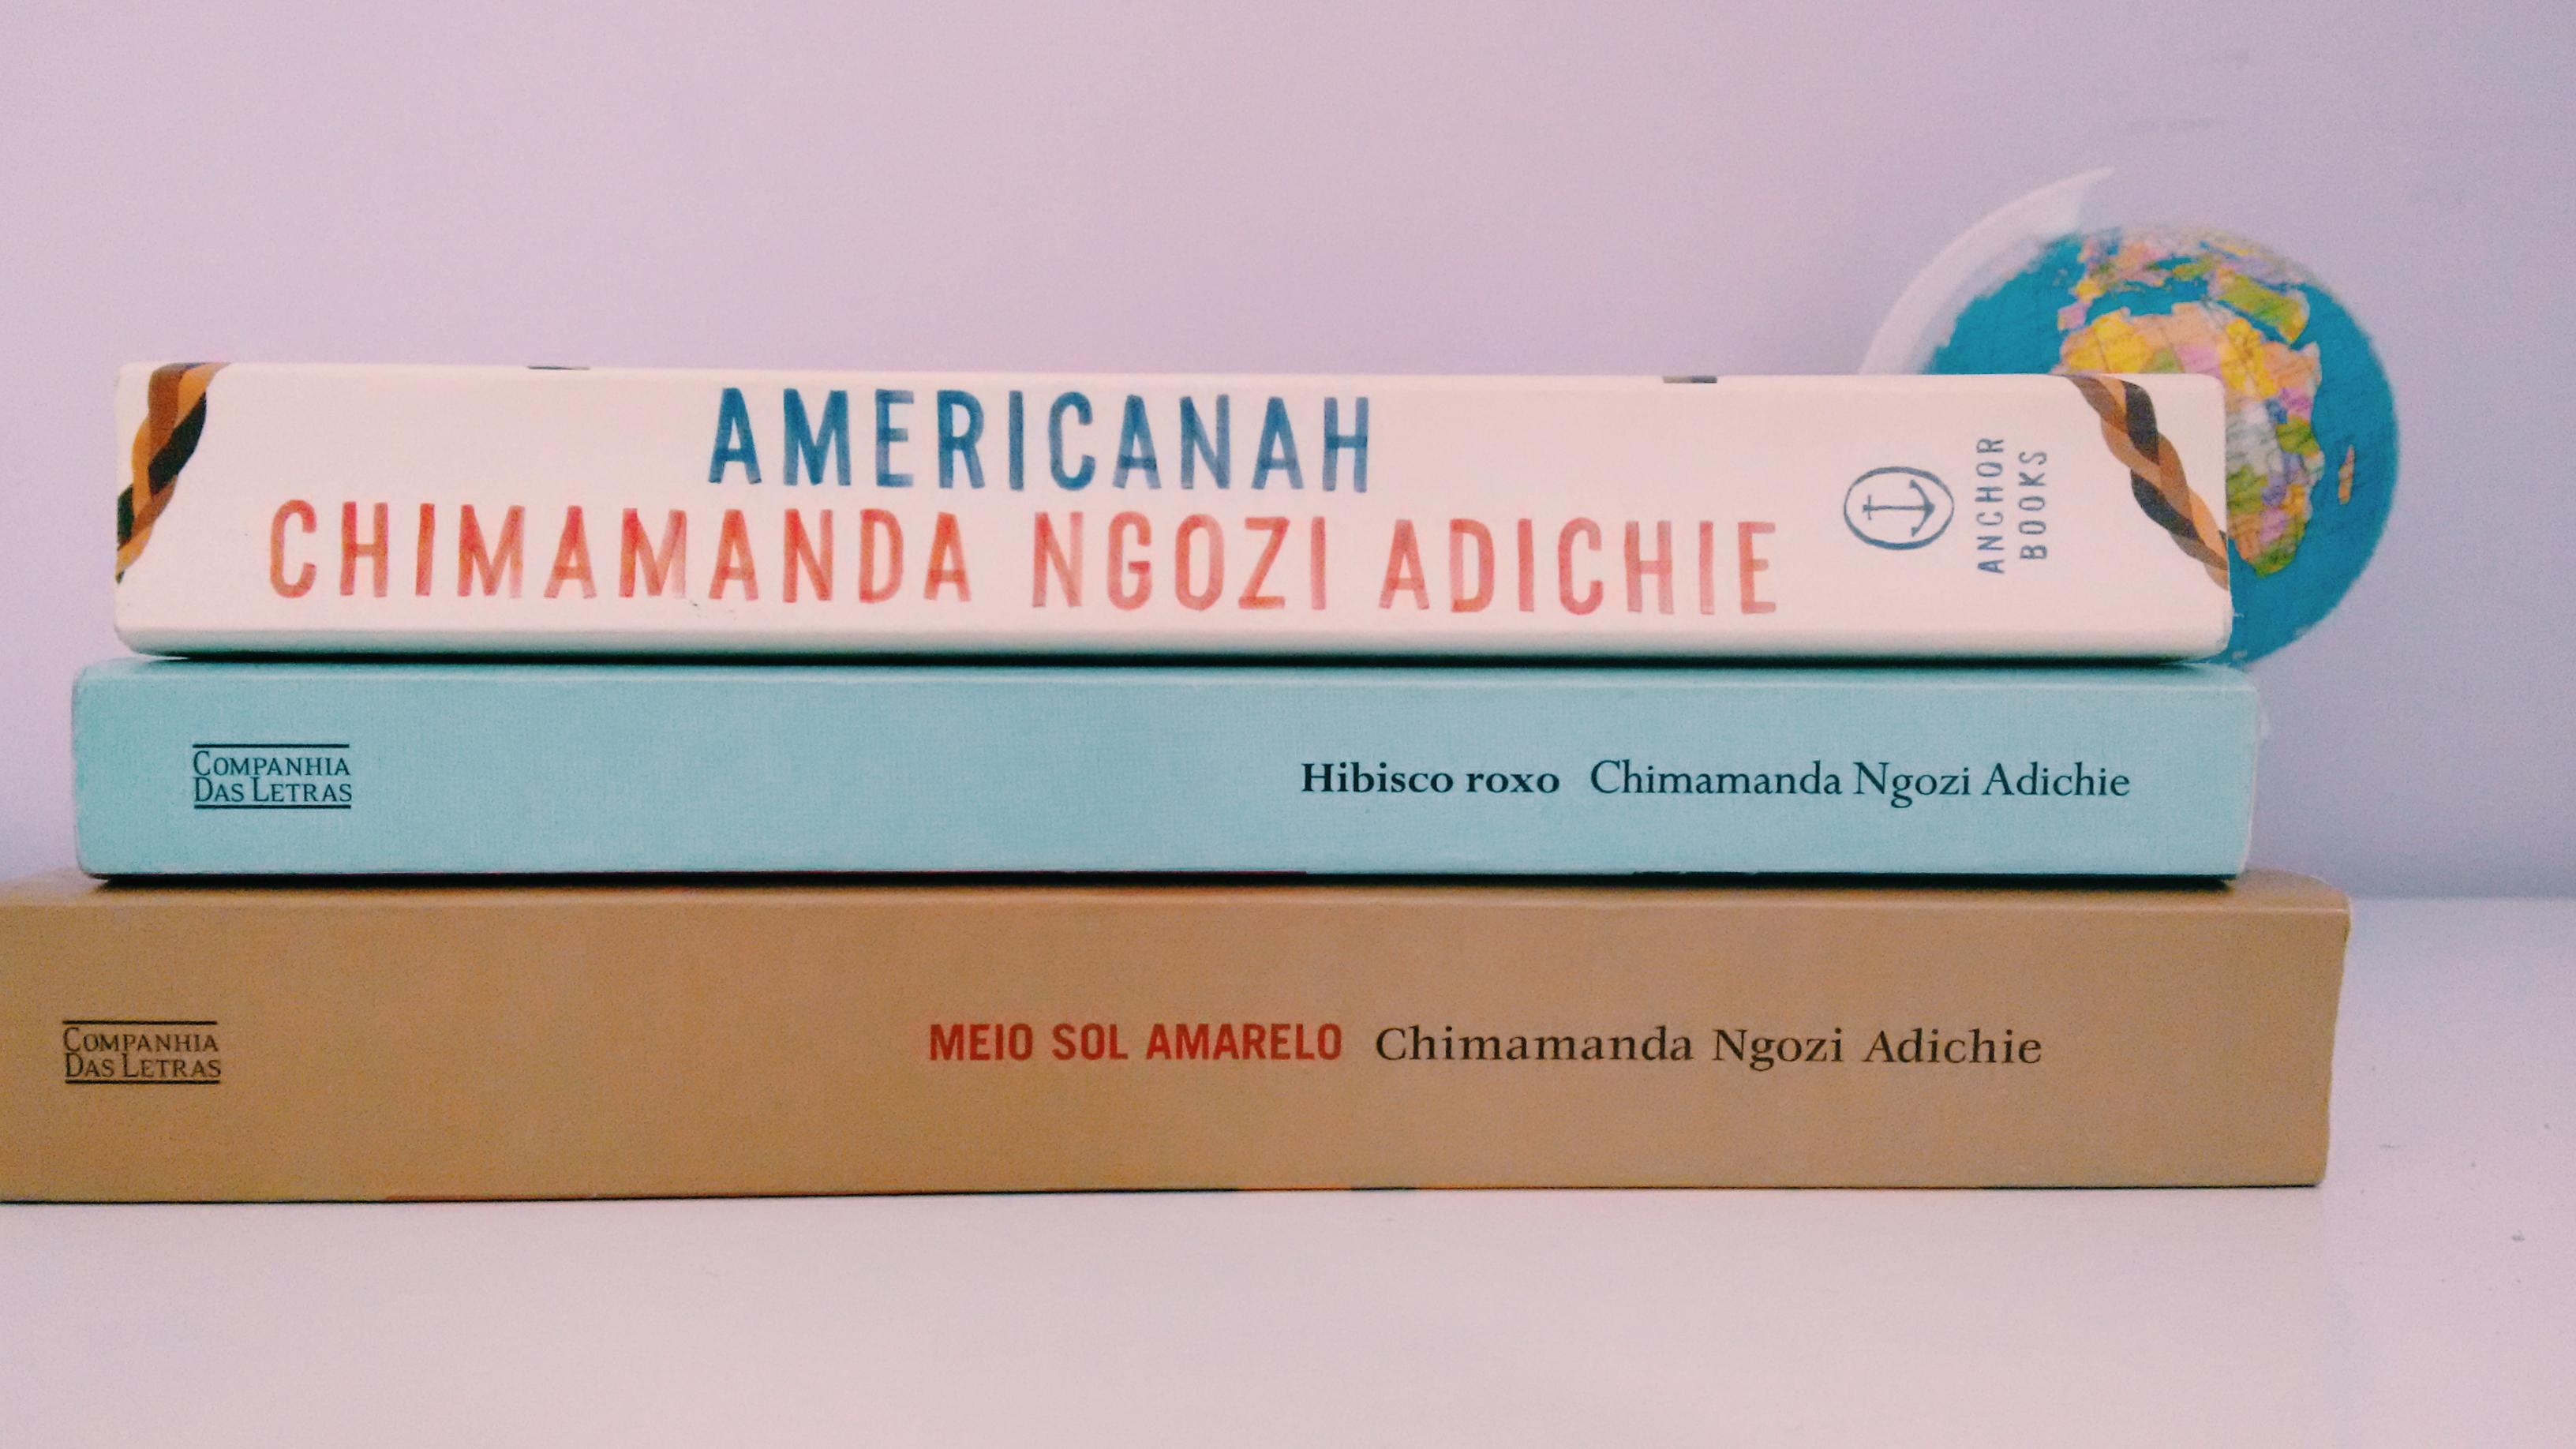 Chimamanda Ngozi Adichie, feminismo, mulheres